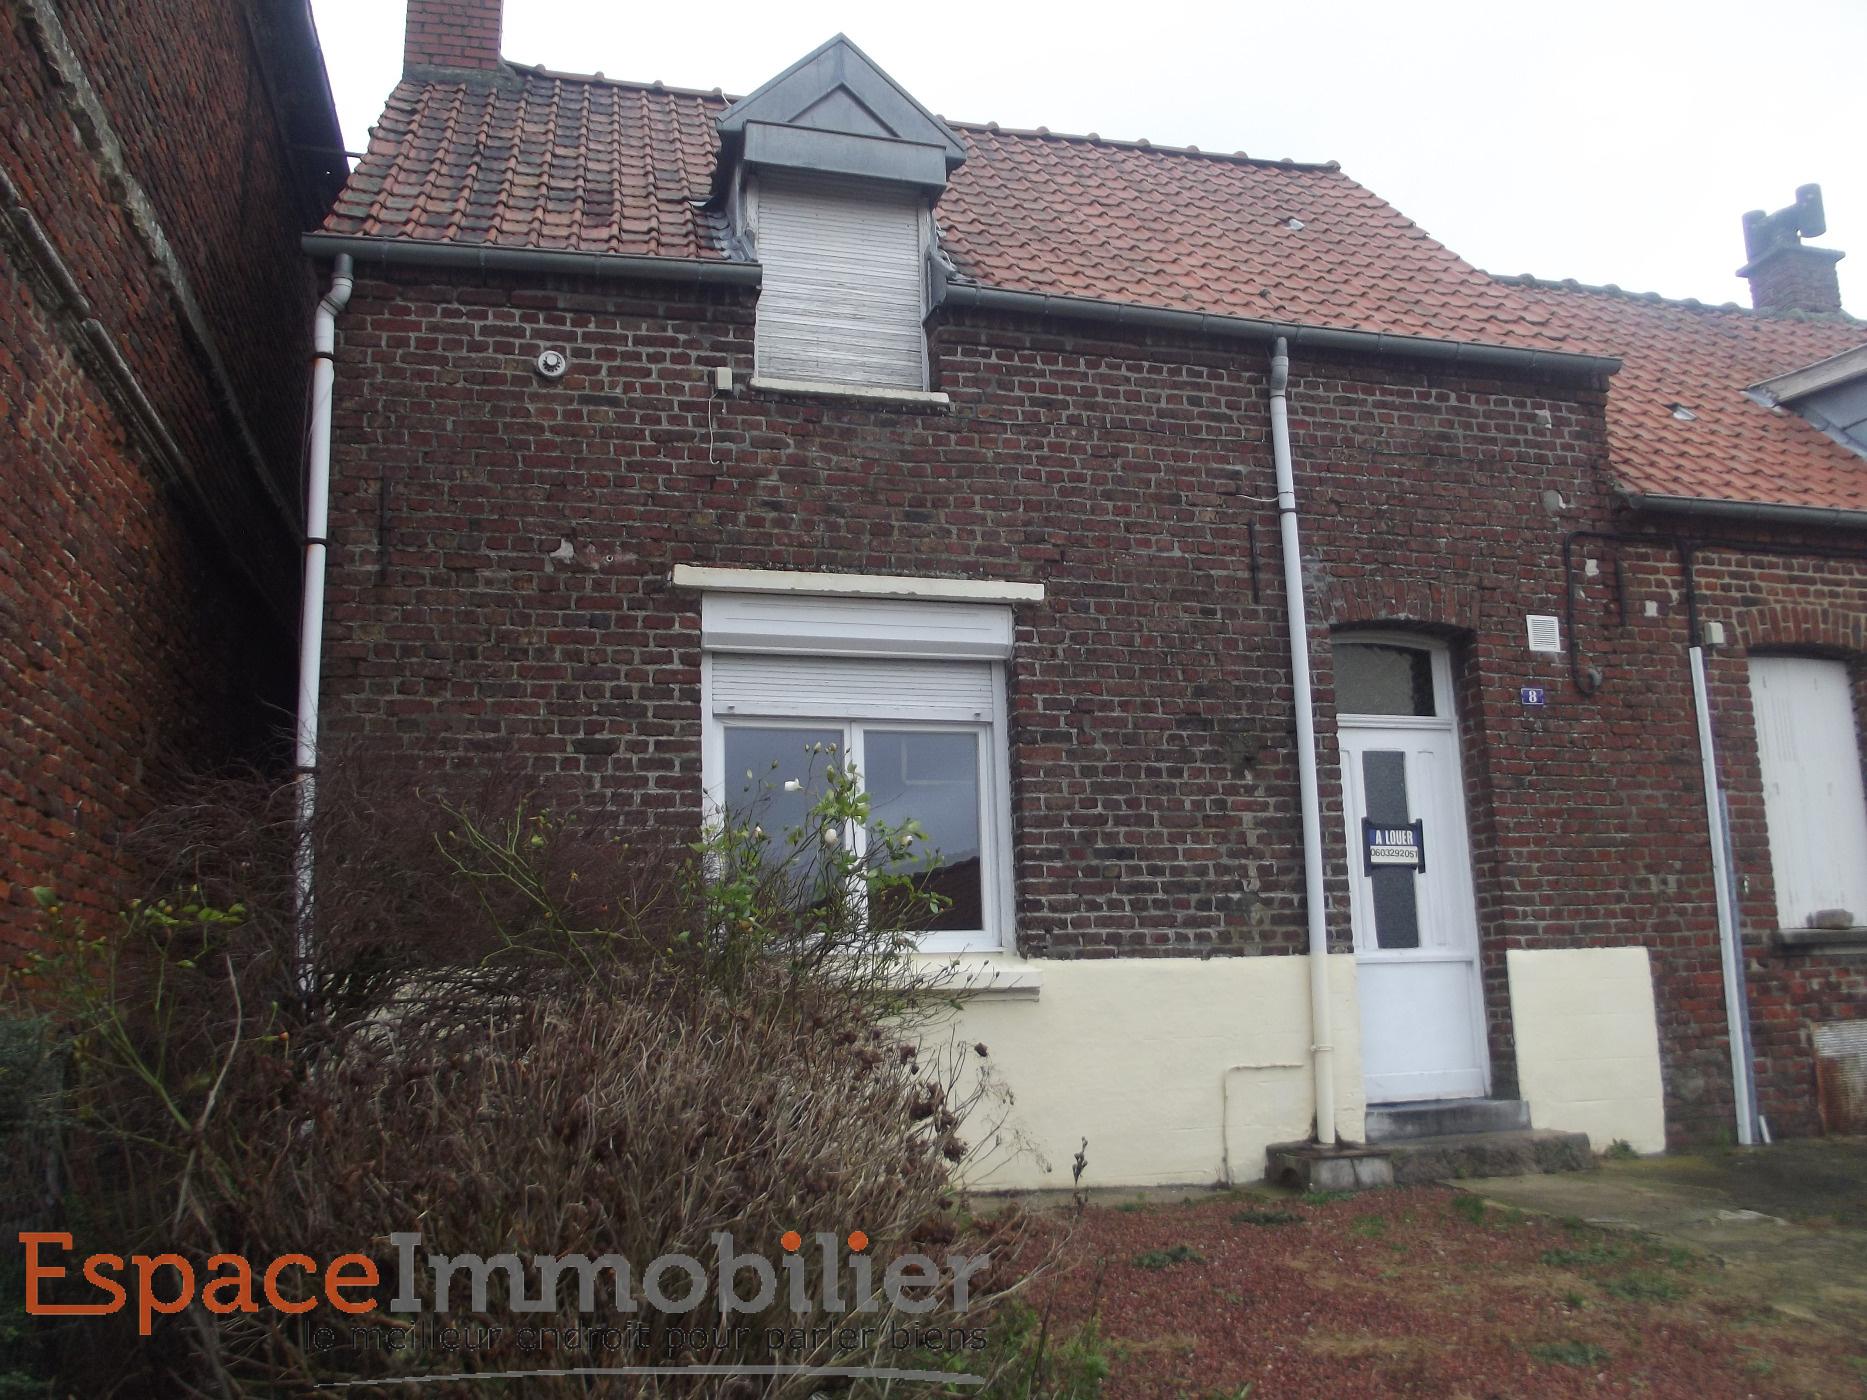 Offres de location Maison Lieu-Saint-Amand (59111)